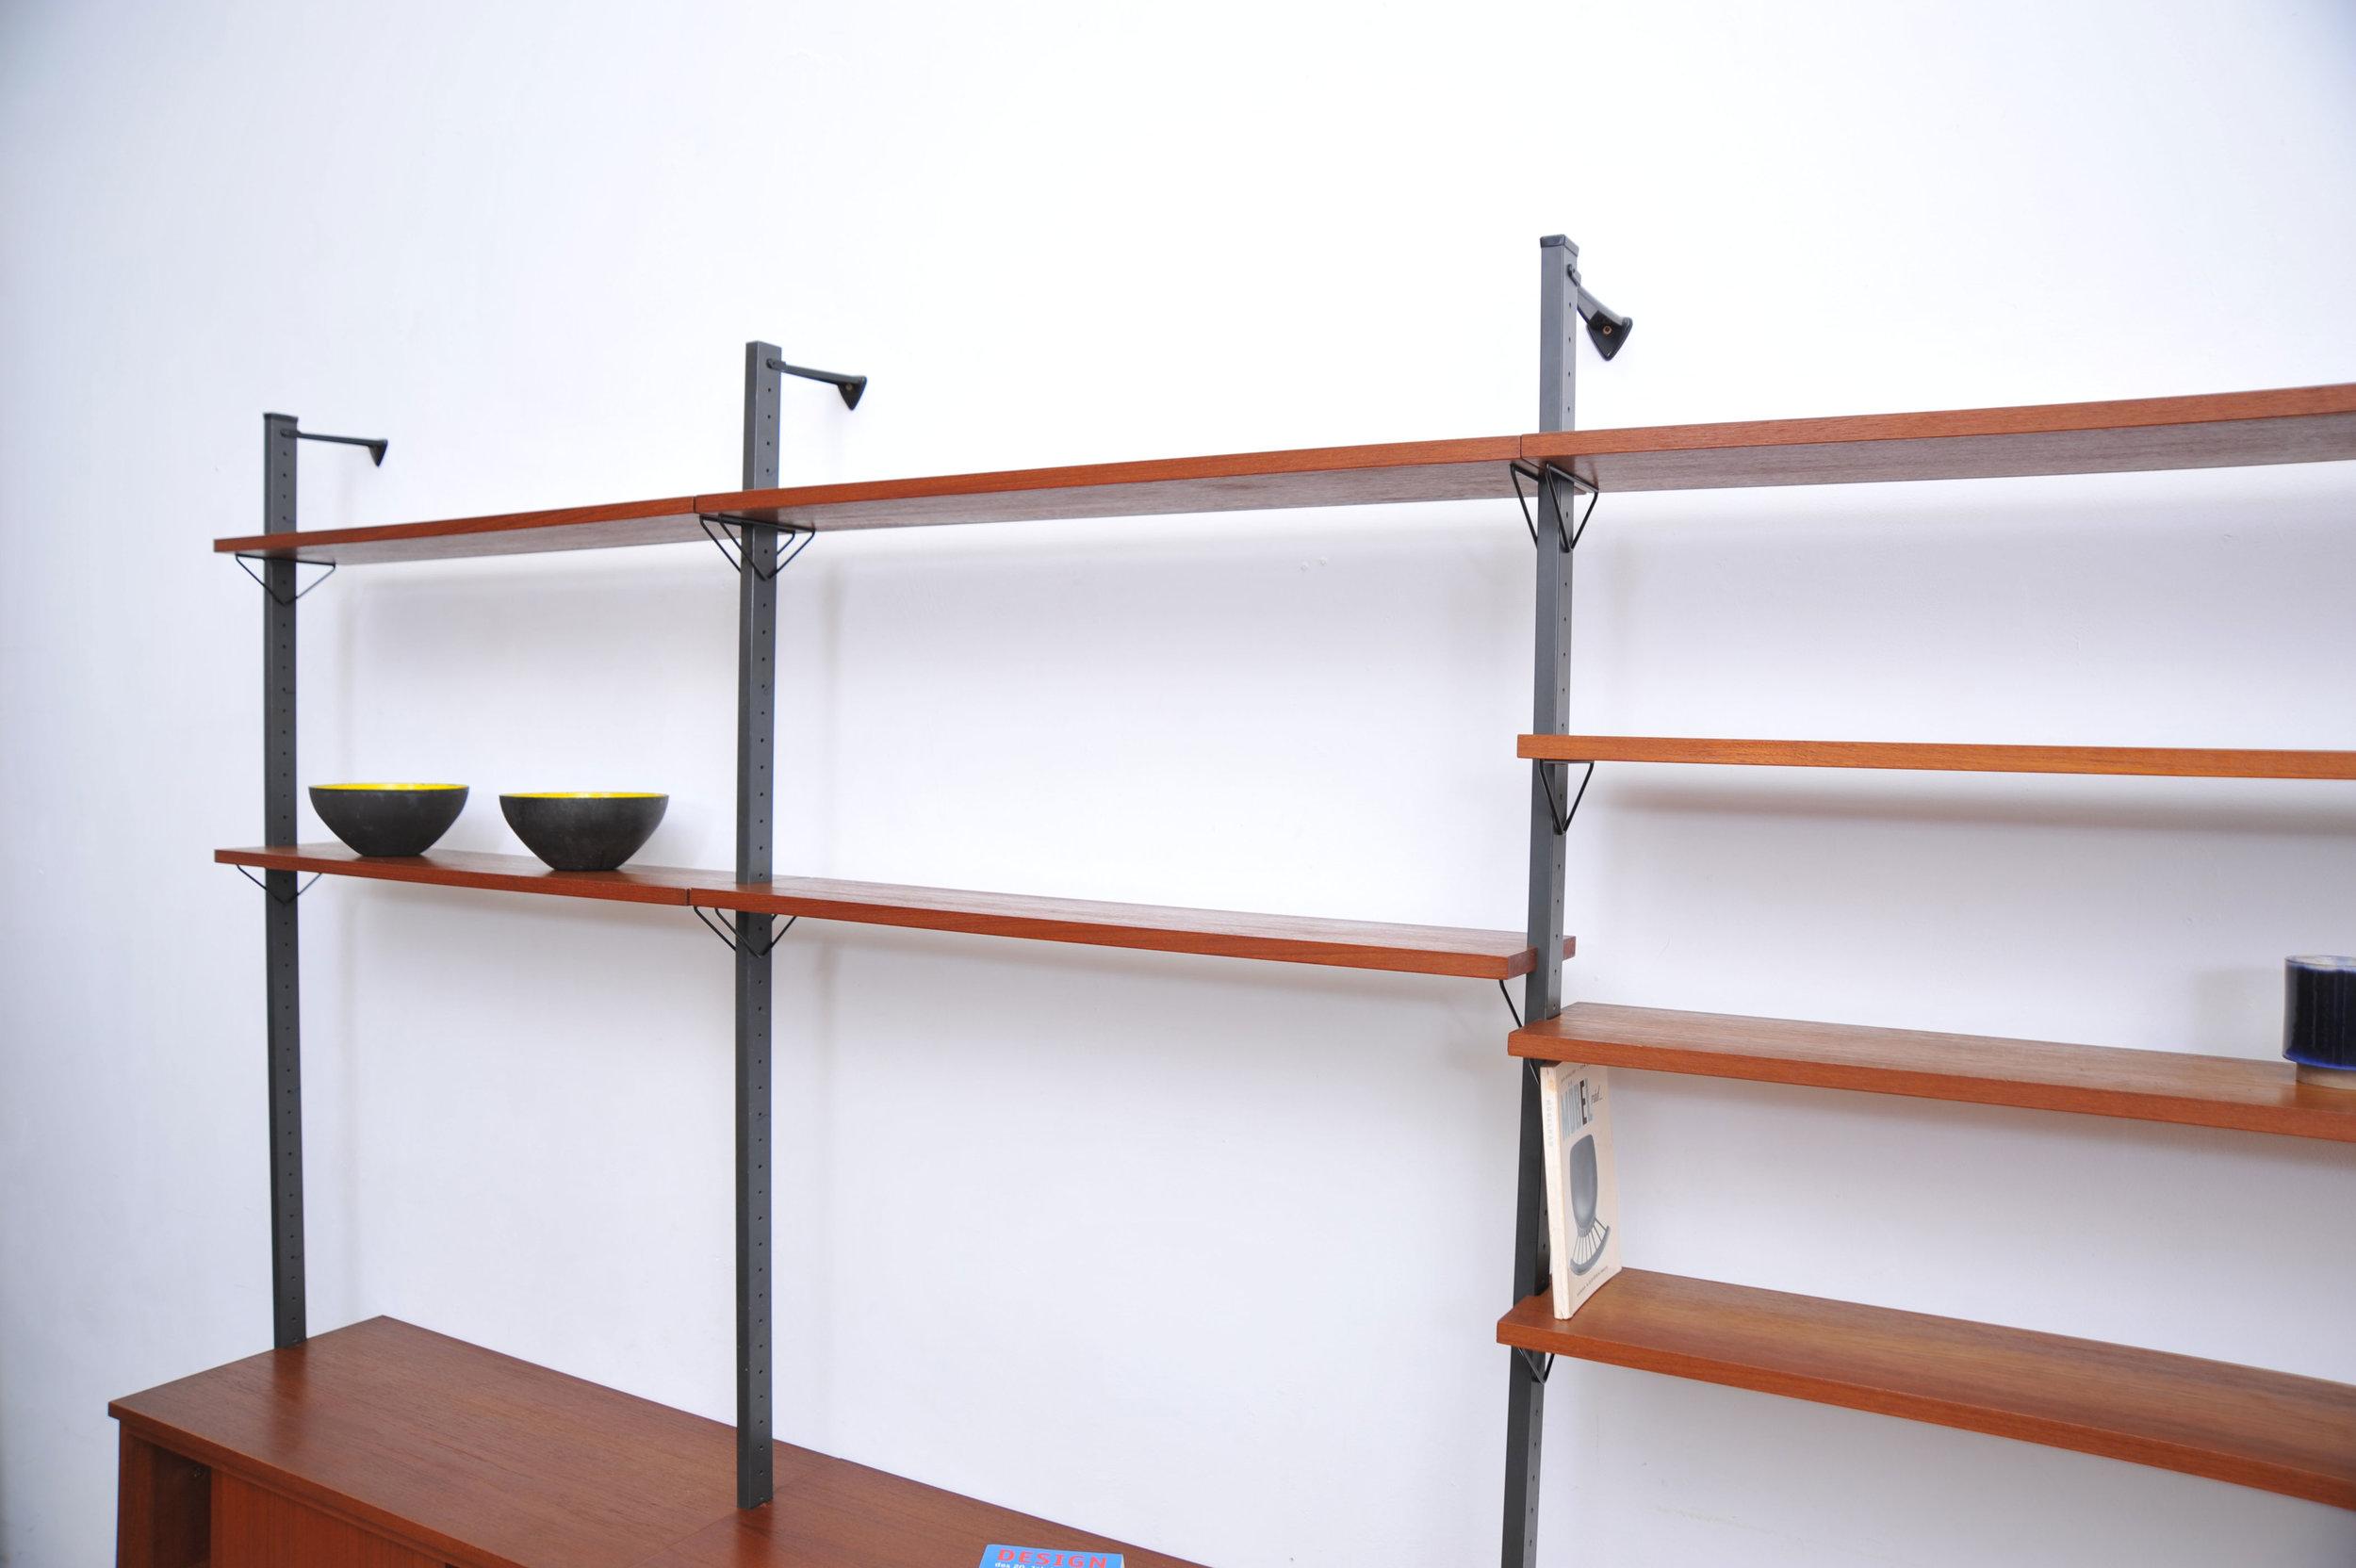 Wandregal Skandinavisch Wandregal Dänisches Design Mdf Holz Metall